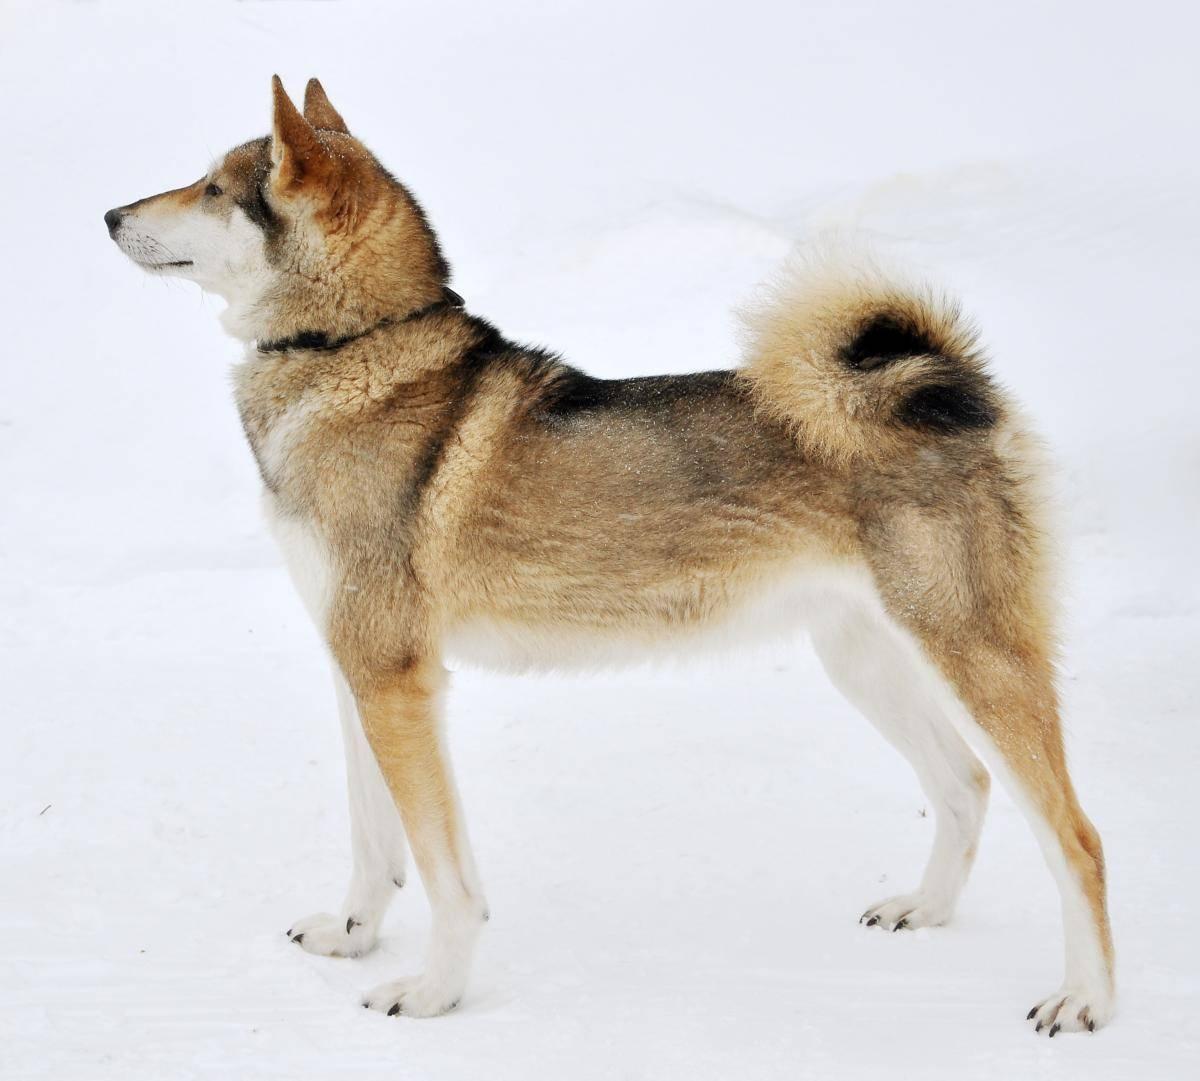 Западносибирская лайка — все о собаке от а до я, содержание и уход, рацион питания и особенности дрессировки +фото и видео в обзоре!